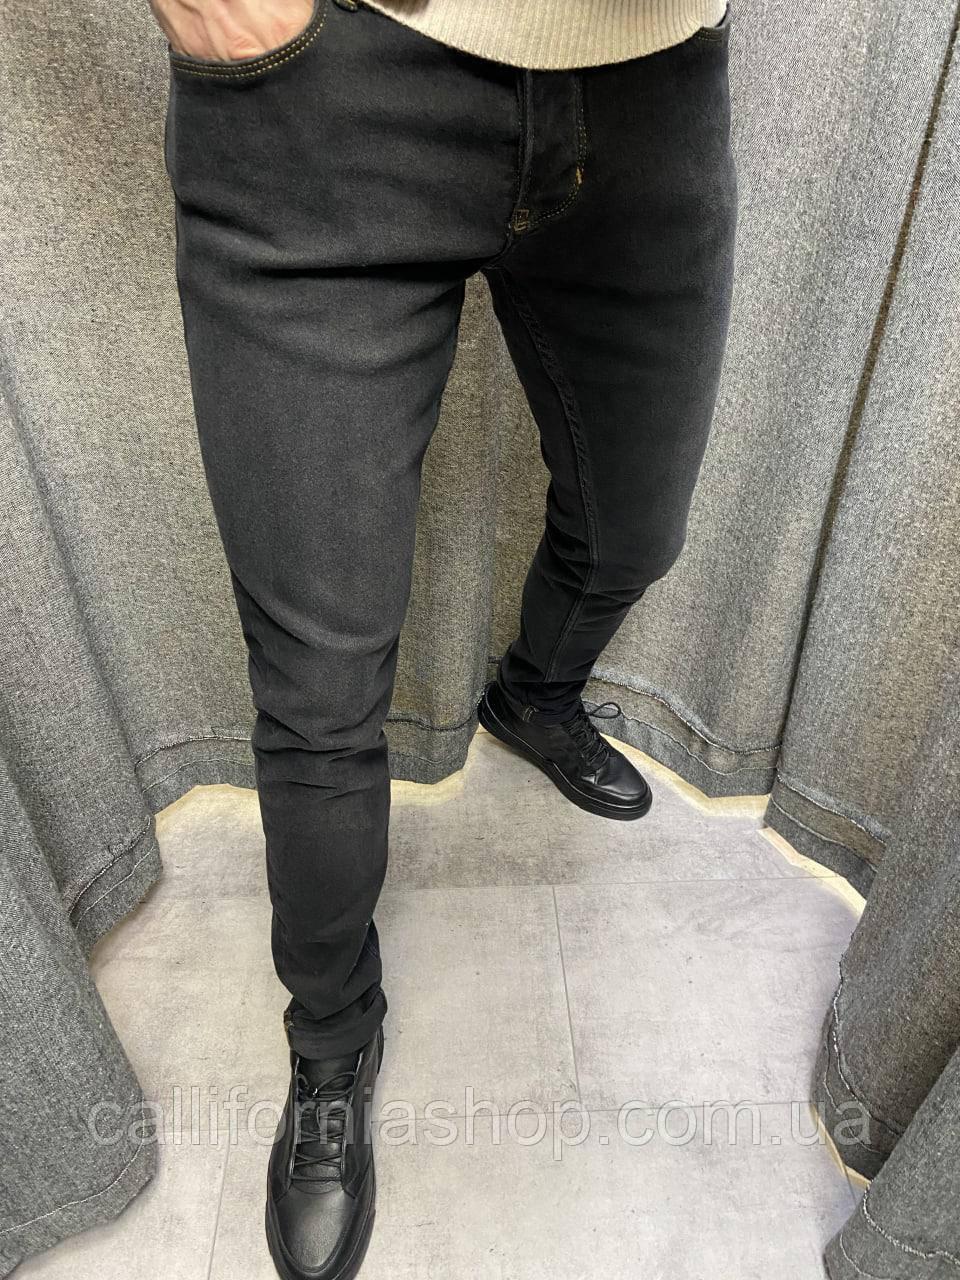 Мужские джинсы черные зауженные однотонные